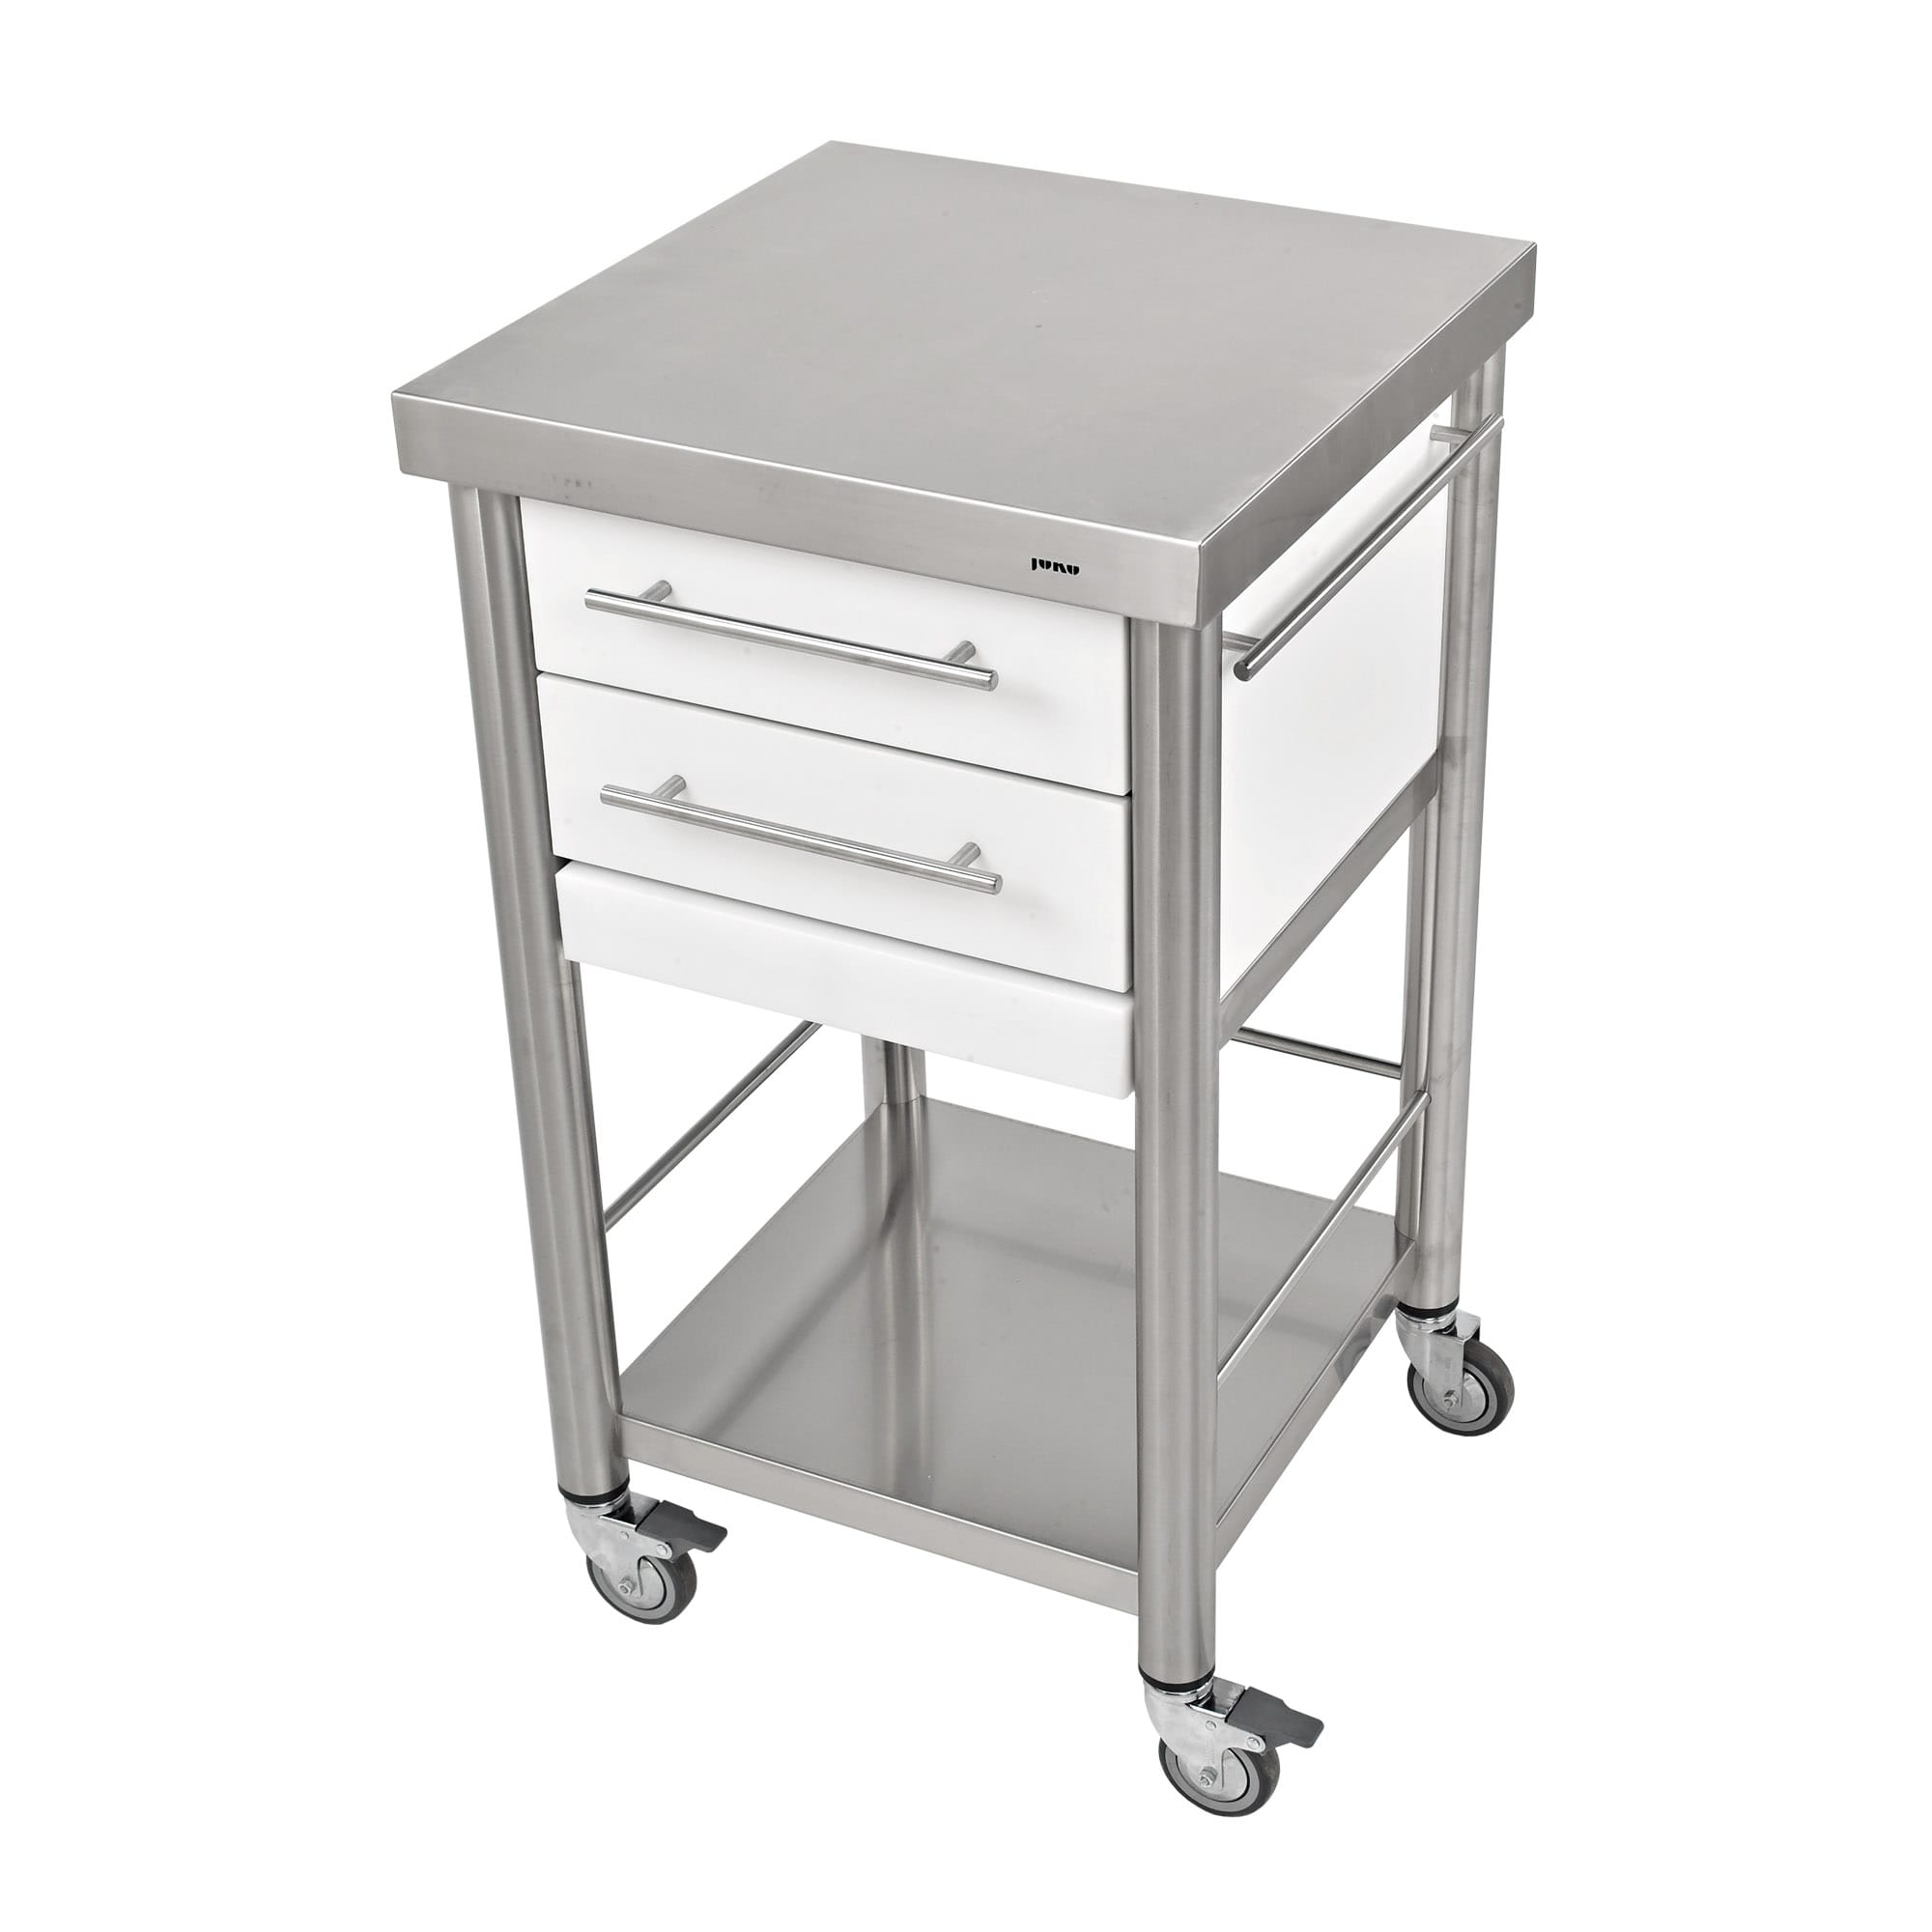 Küchenwagen Corian weiss 2 Schubladen 50 x 50